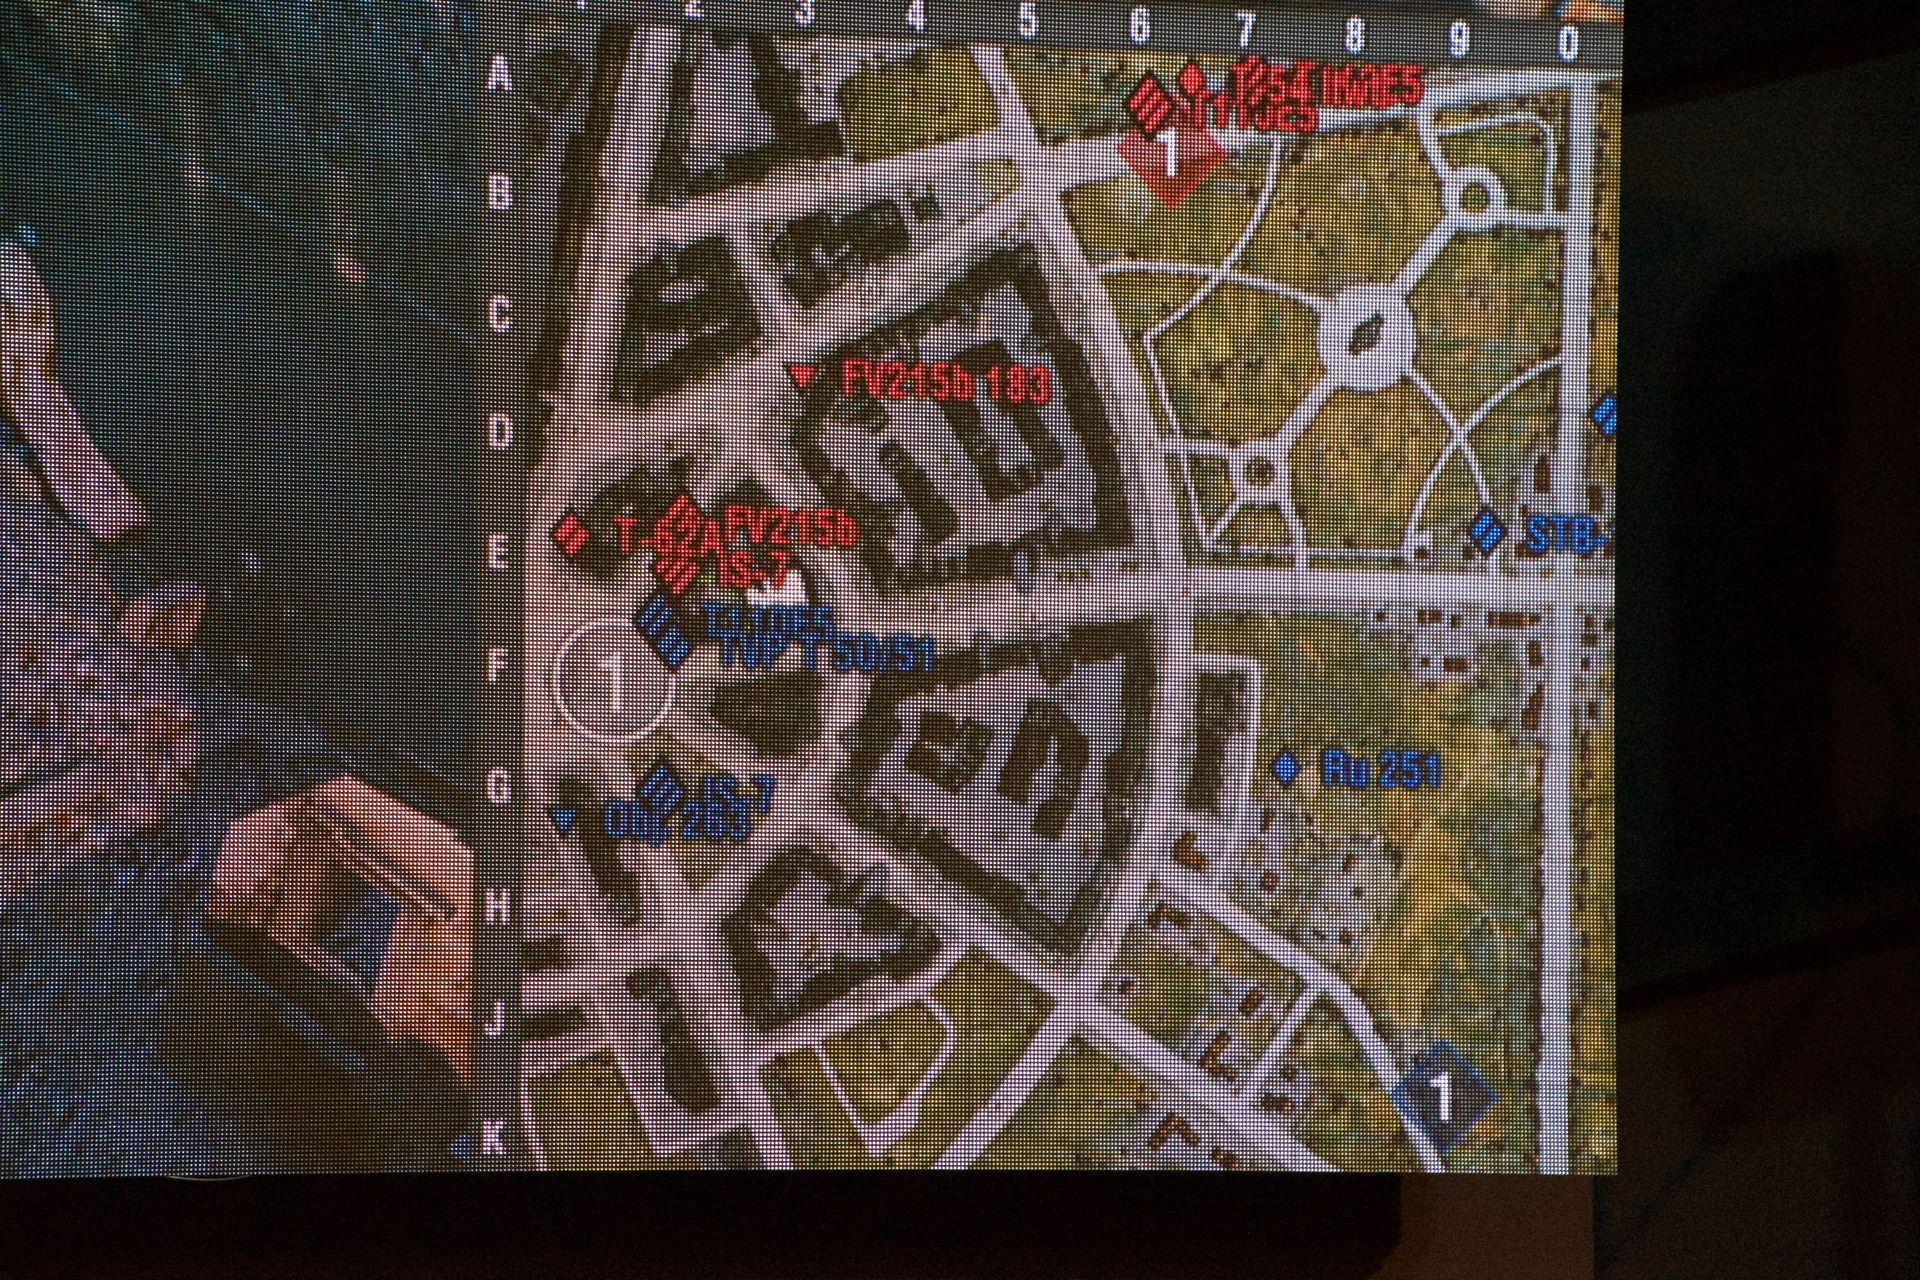 第2試合の序盤。青のGALLERIAチームが中戦車を東側に配置する一方、赤のG-GEARチームは重戦車で迎撃する形に。G-GEARのこの読みは素晴らしかった